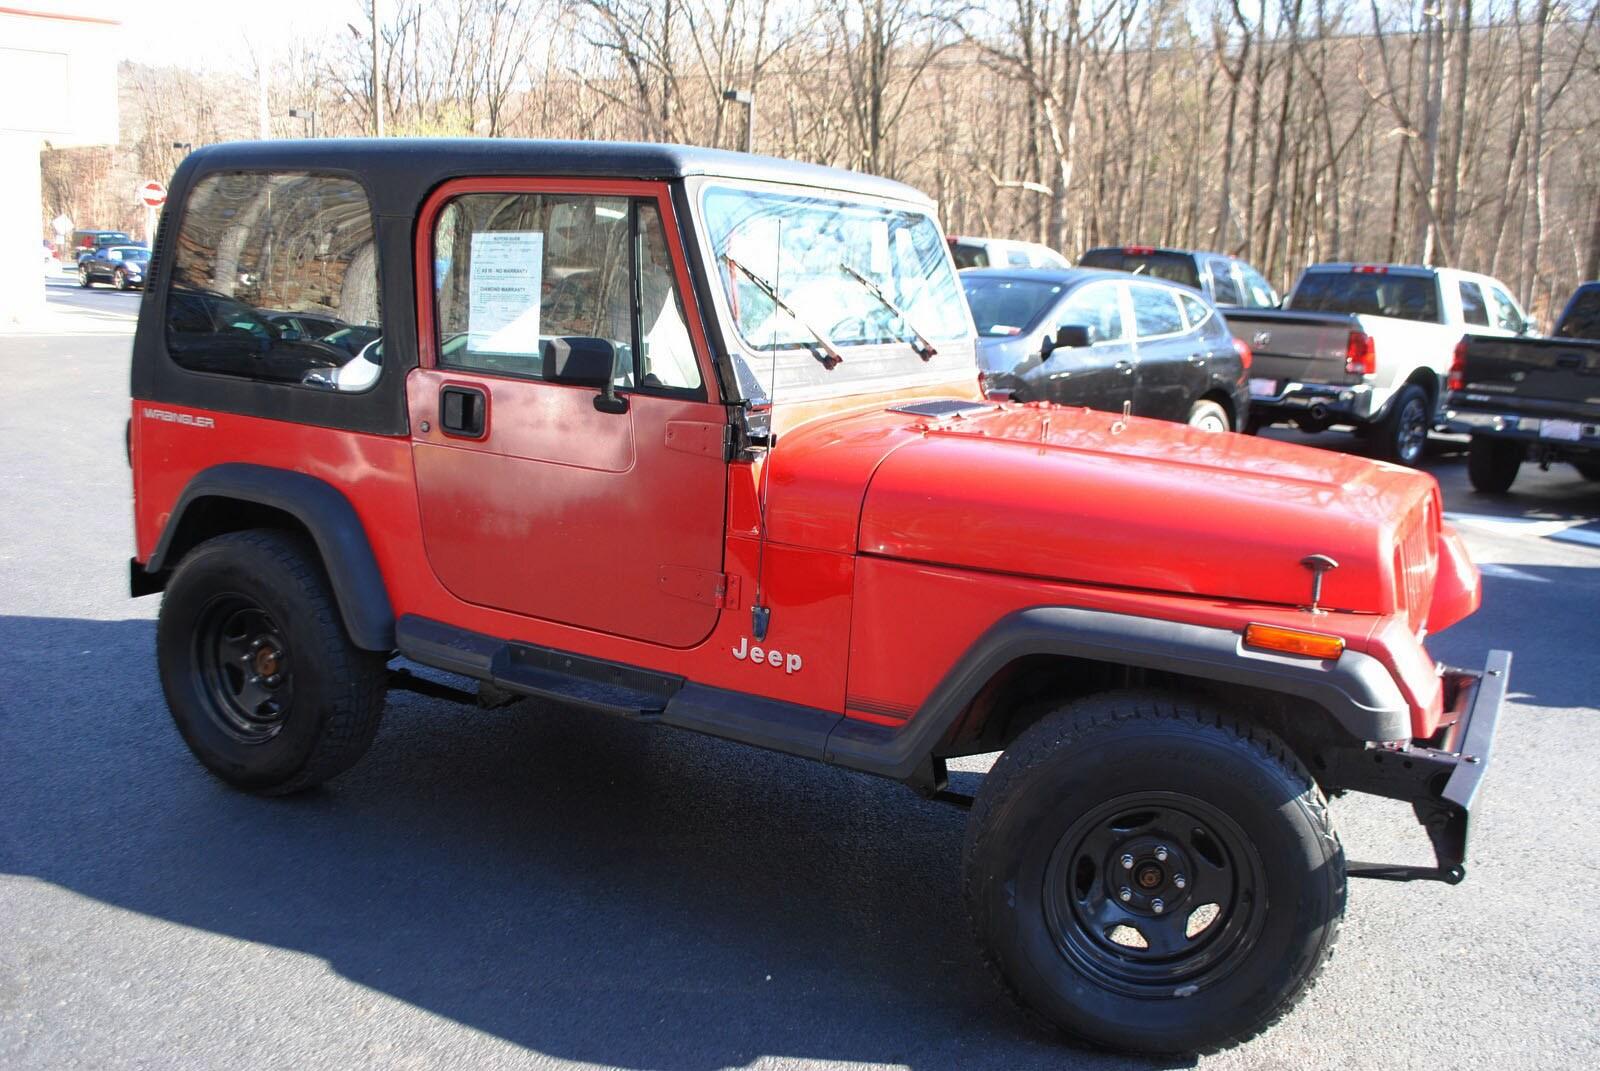 used 1995 jeep wrangler for sale west milford nj. Black Bedroom Furniture Sets. Home Design Ideas